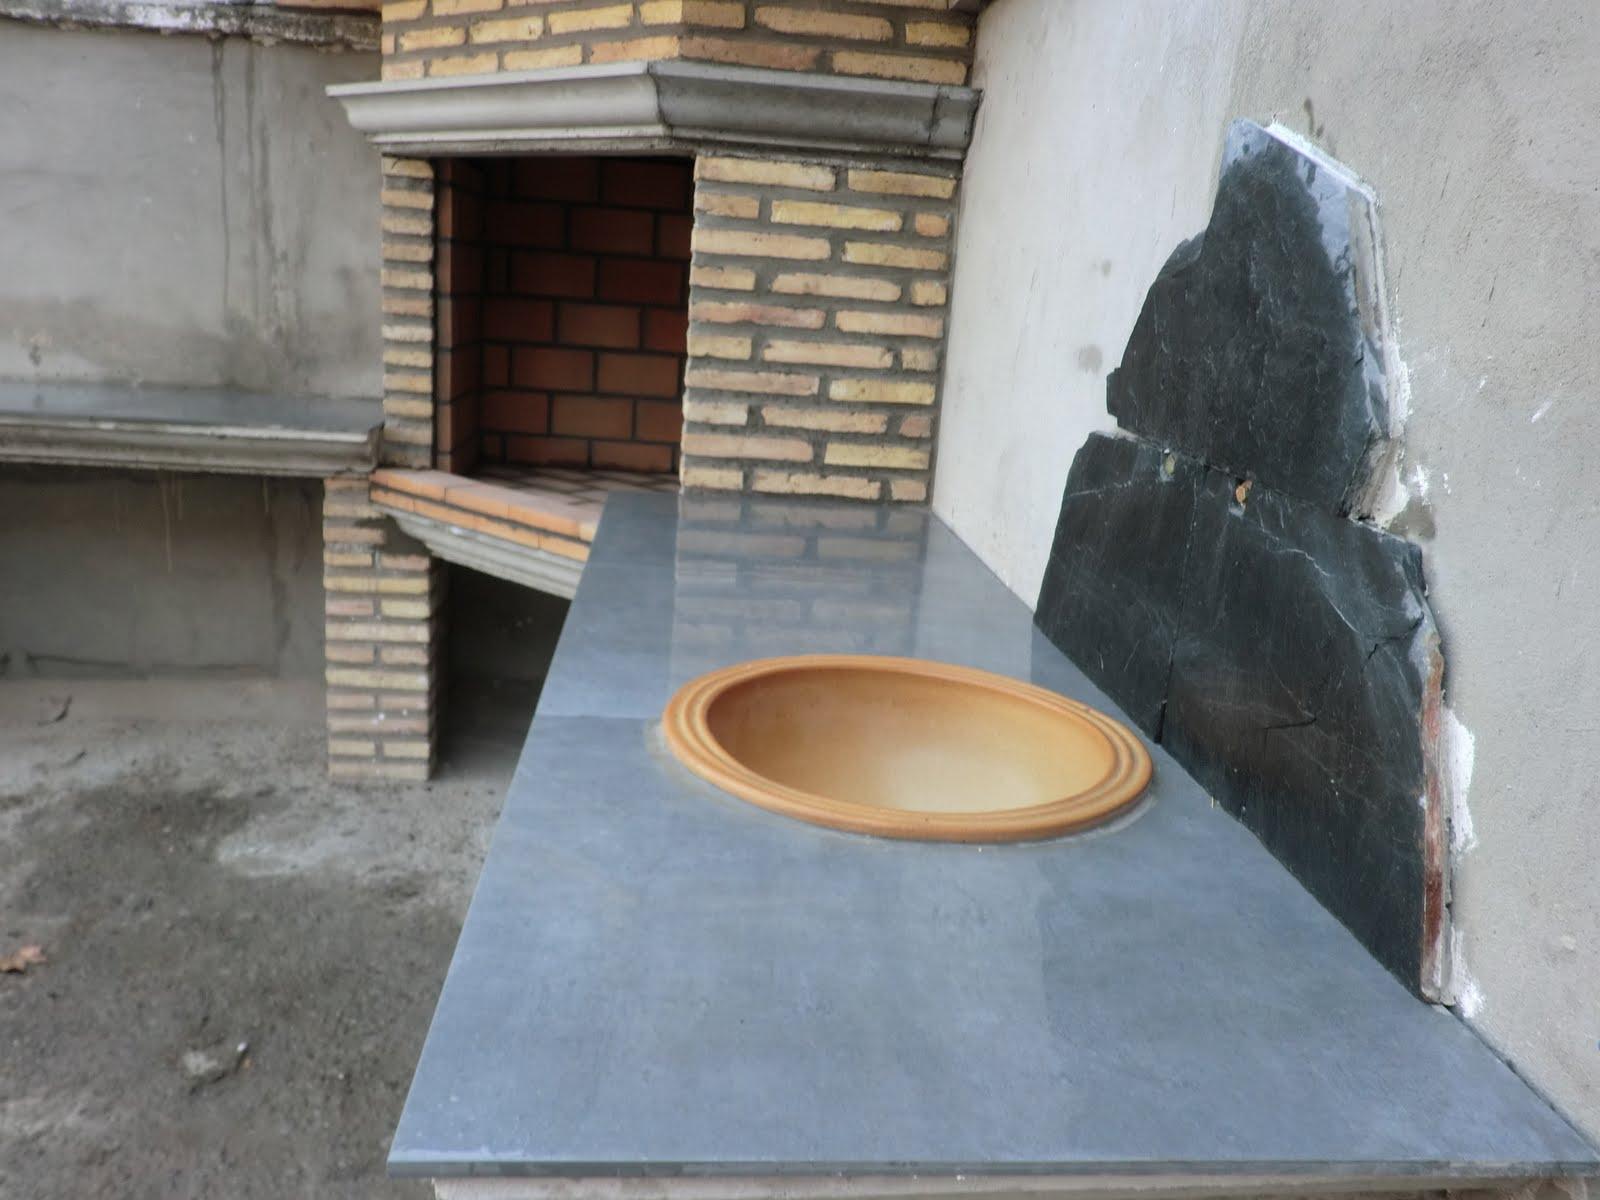 Coecu lepida sl chimenea de obra exterior for Chimeneas de obra